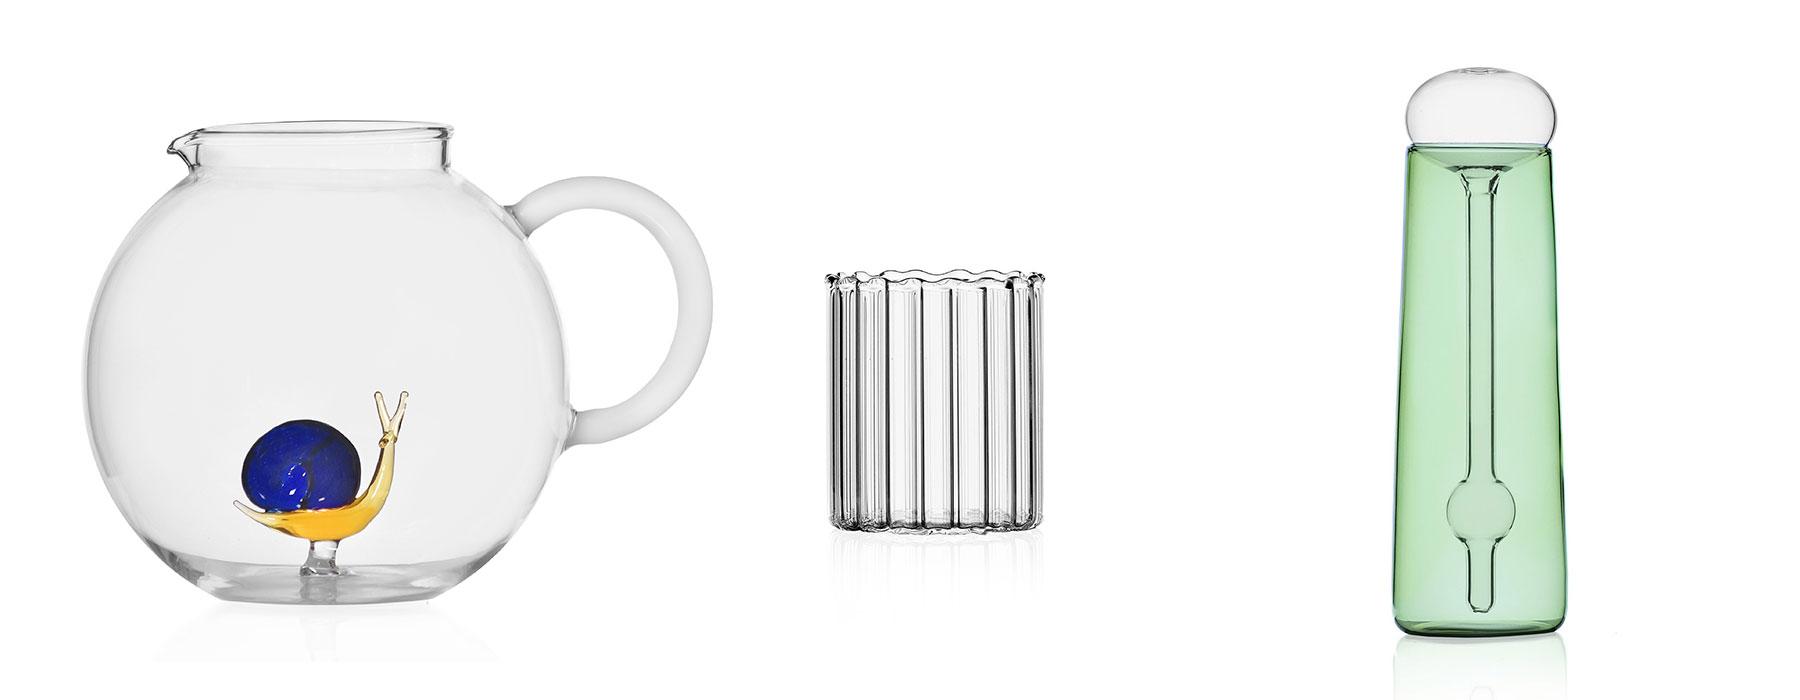 ichendorf milano bicchieri brocche online